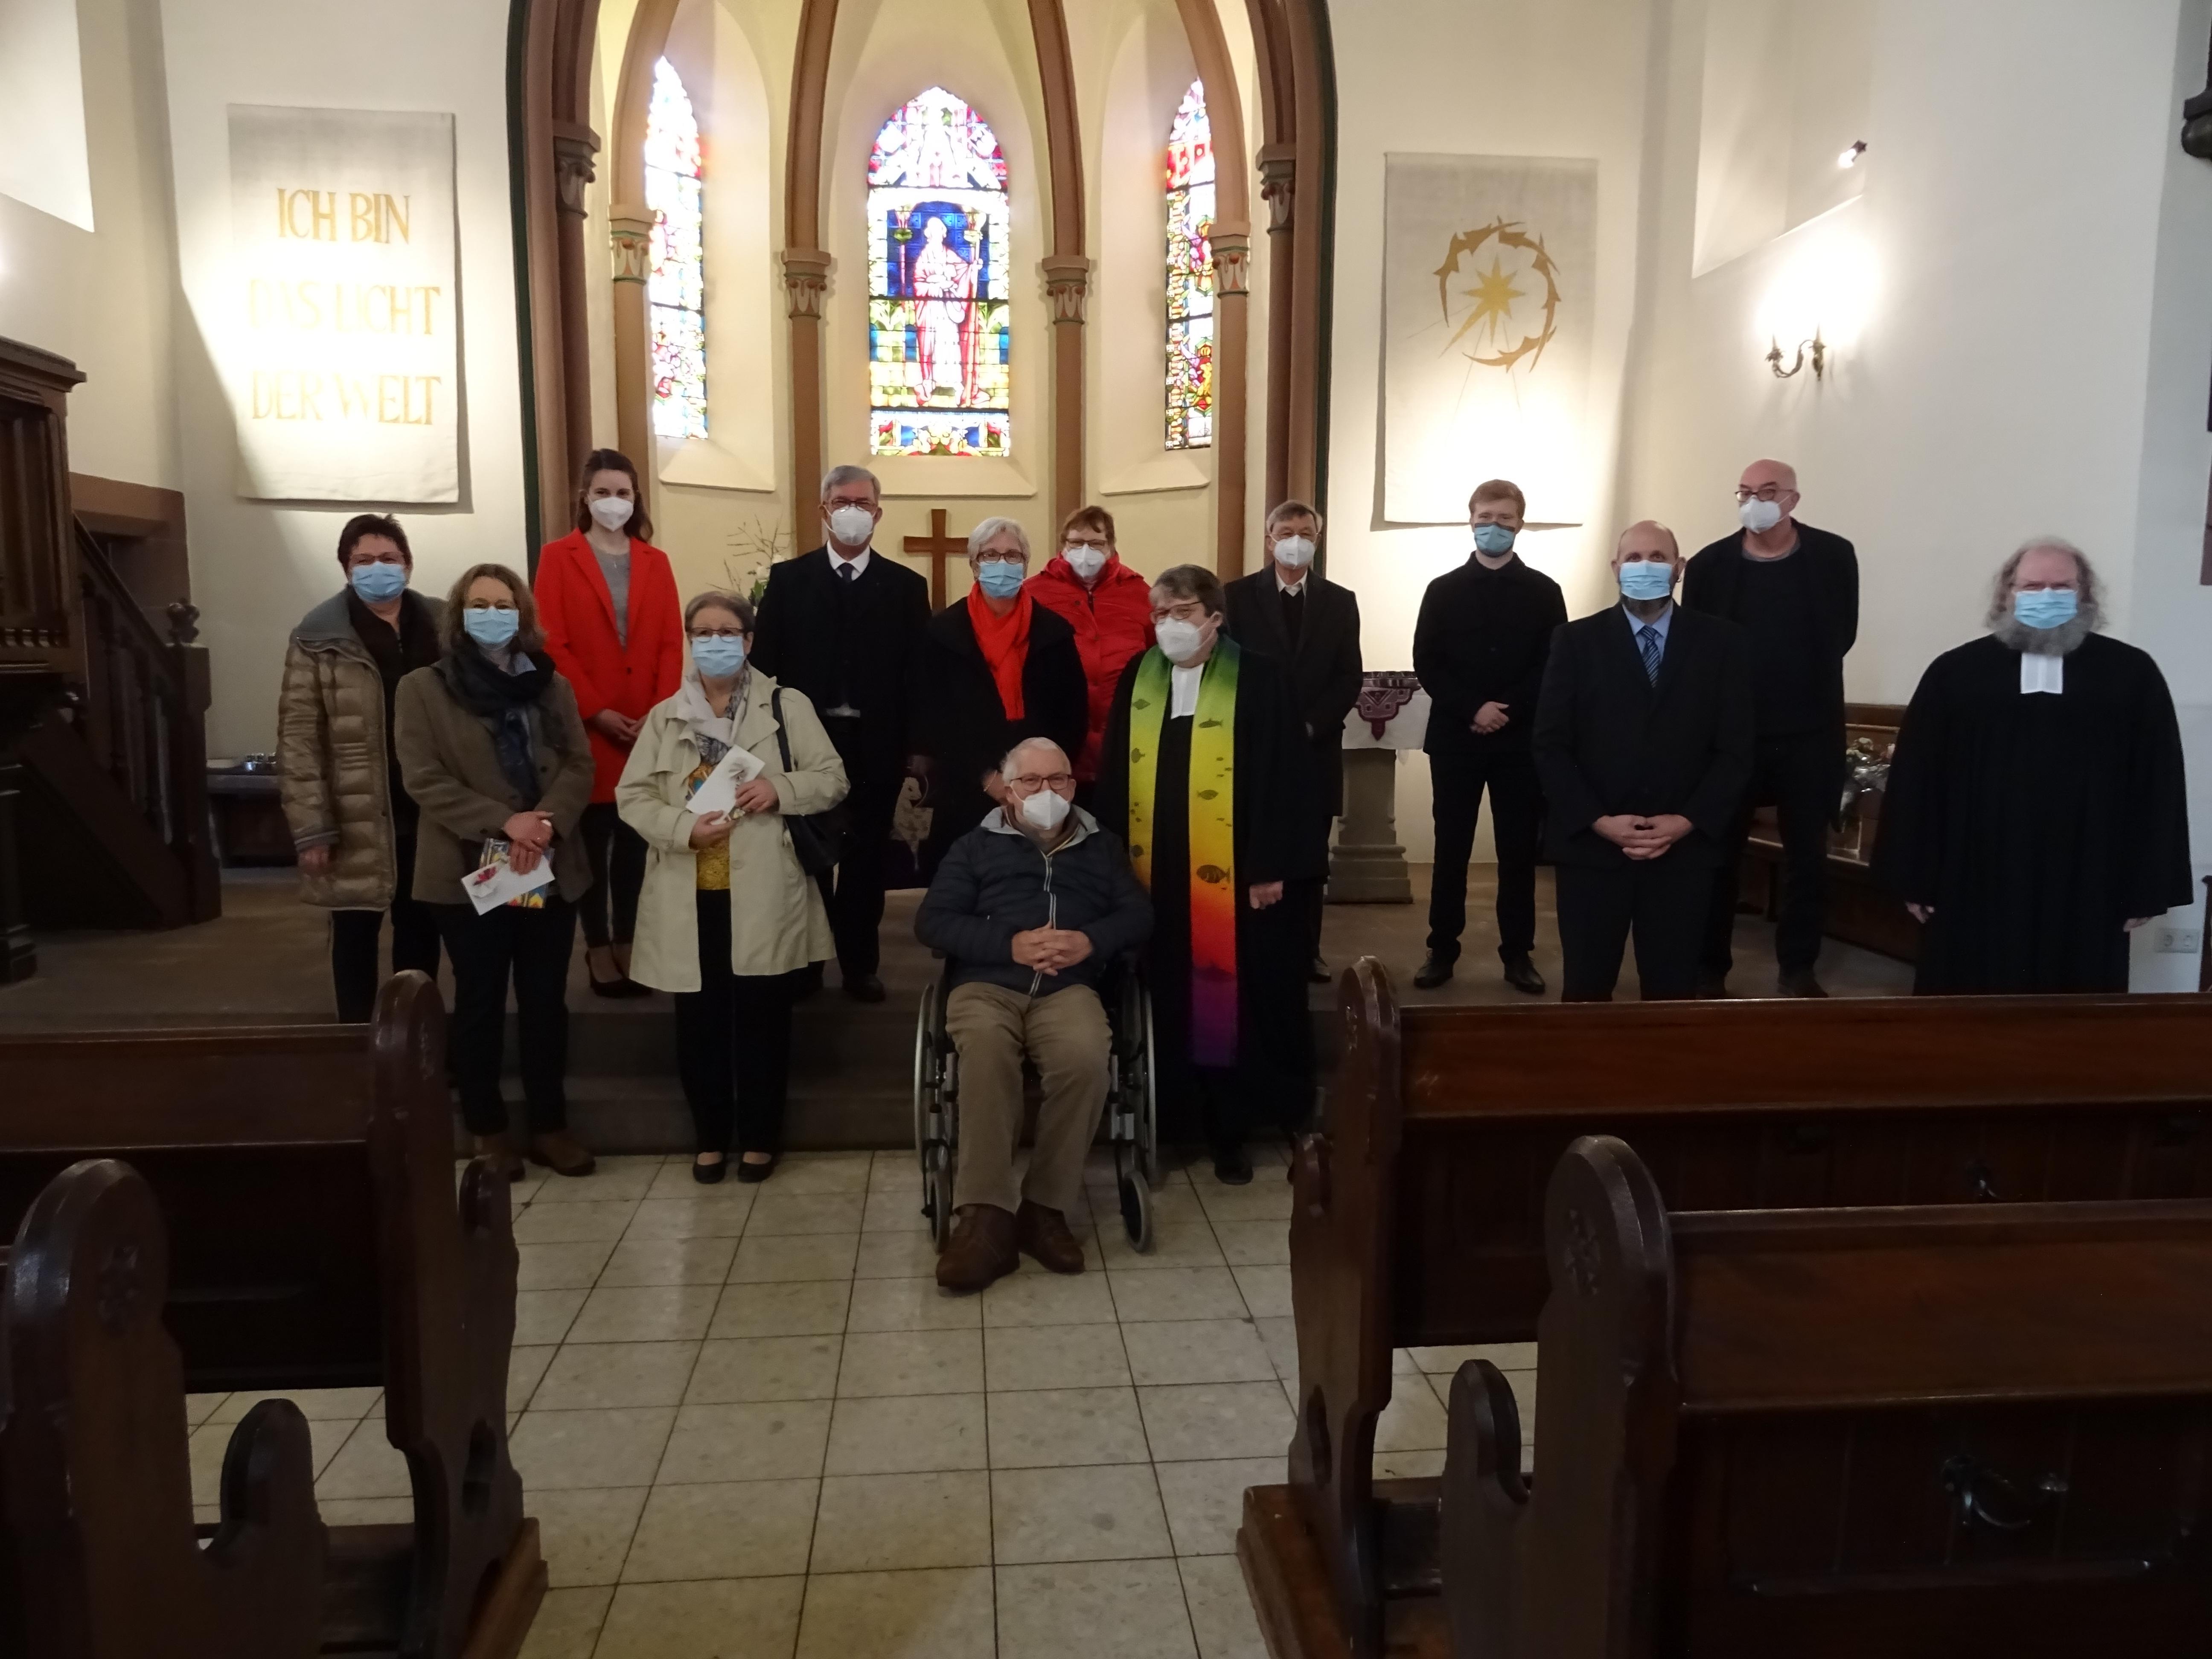 Verabschiedung und Einführung Presbyterium